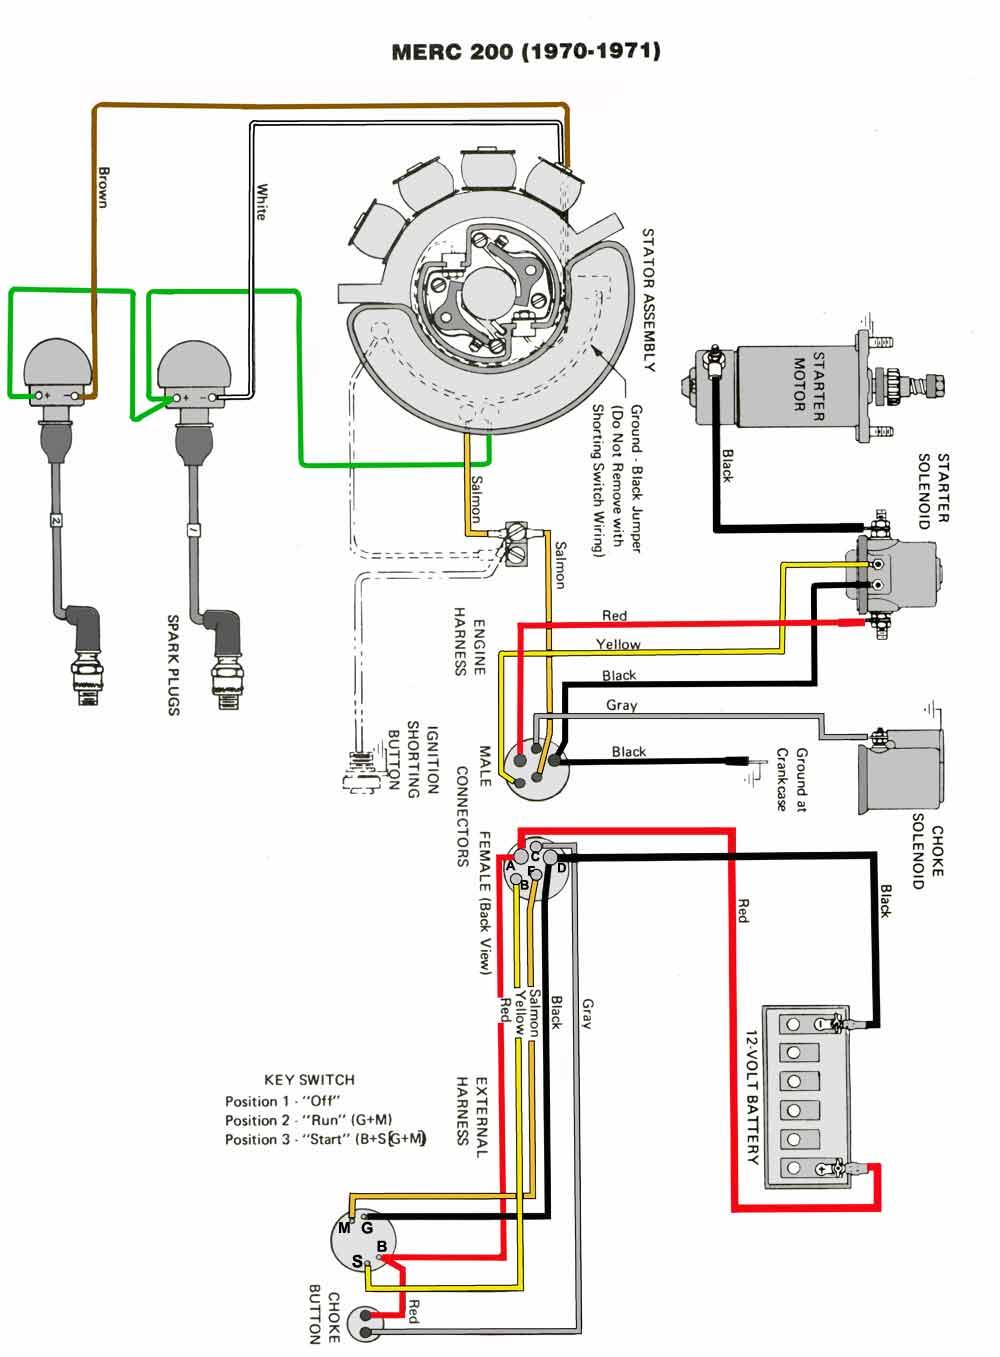 1987 mercruiser wiring diagram [ 1000 x 1357 Pixel ]